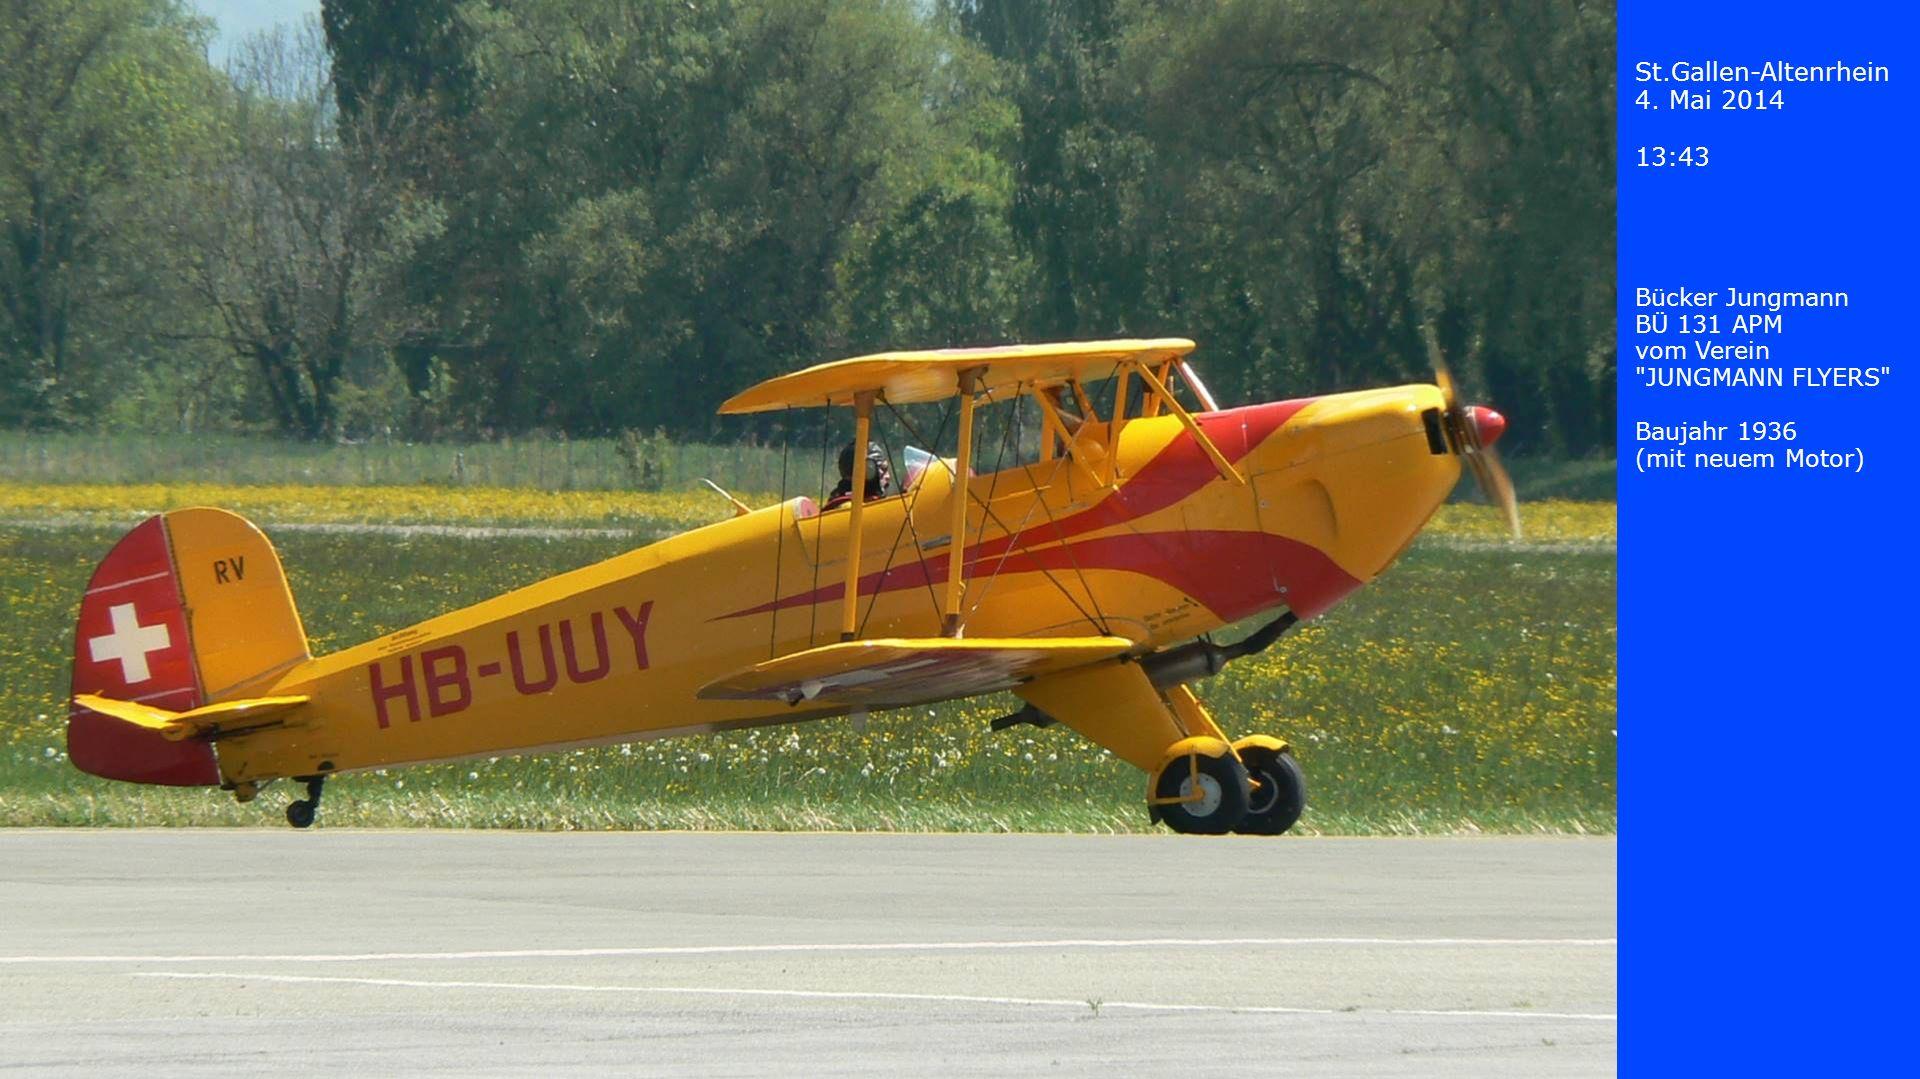 St.Gallen-Altenrhein 4. Mai 2014 13:43 Boeing Stearman vom Verein JUNGMANN FLYERS Baujahr 1936